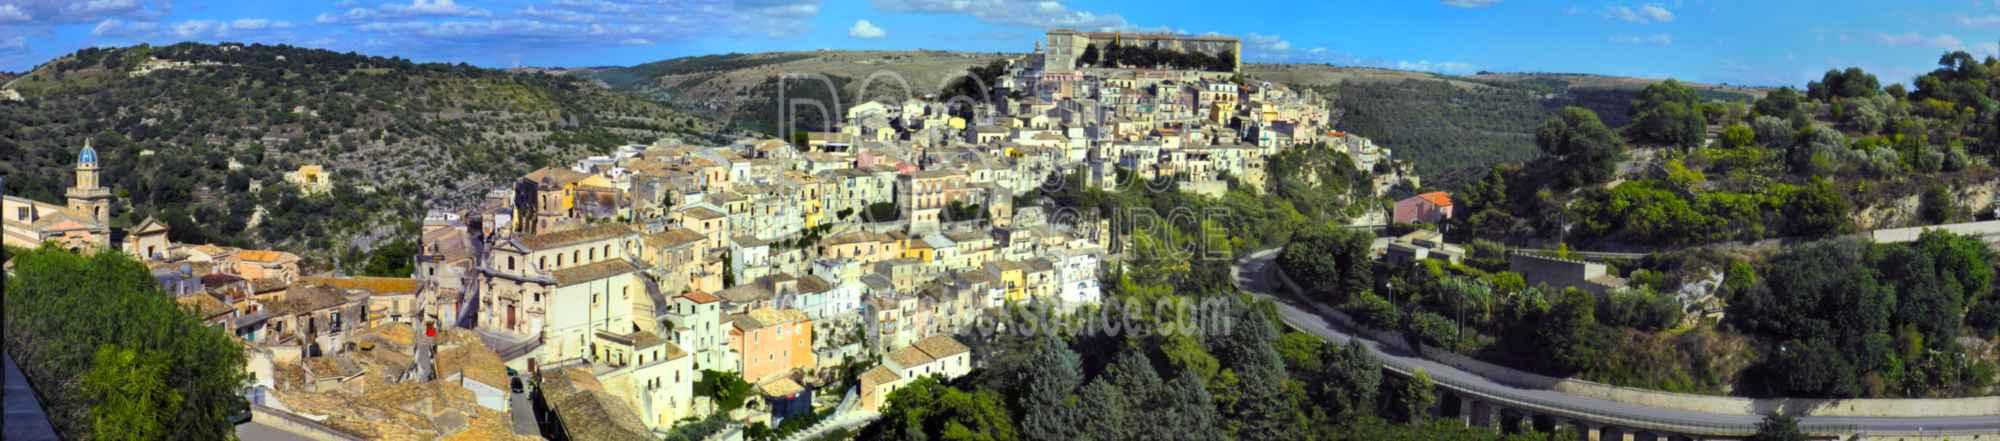 Ragusa Ibla Houses